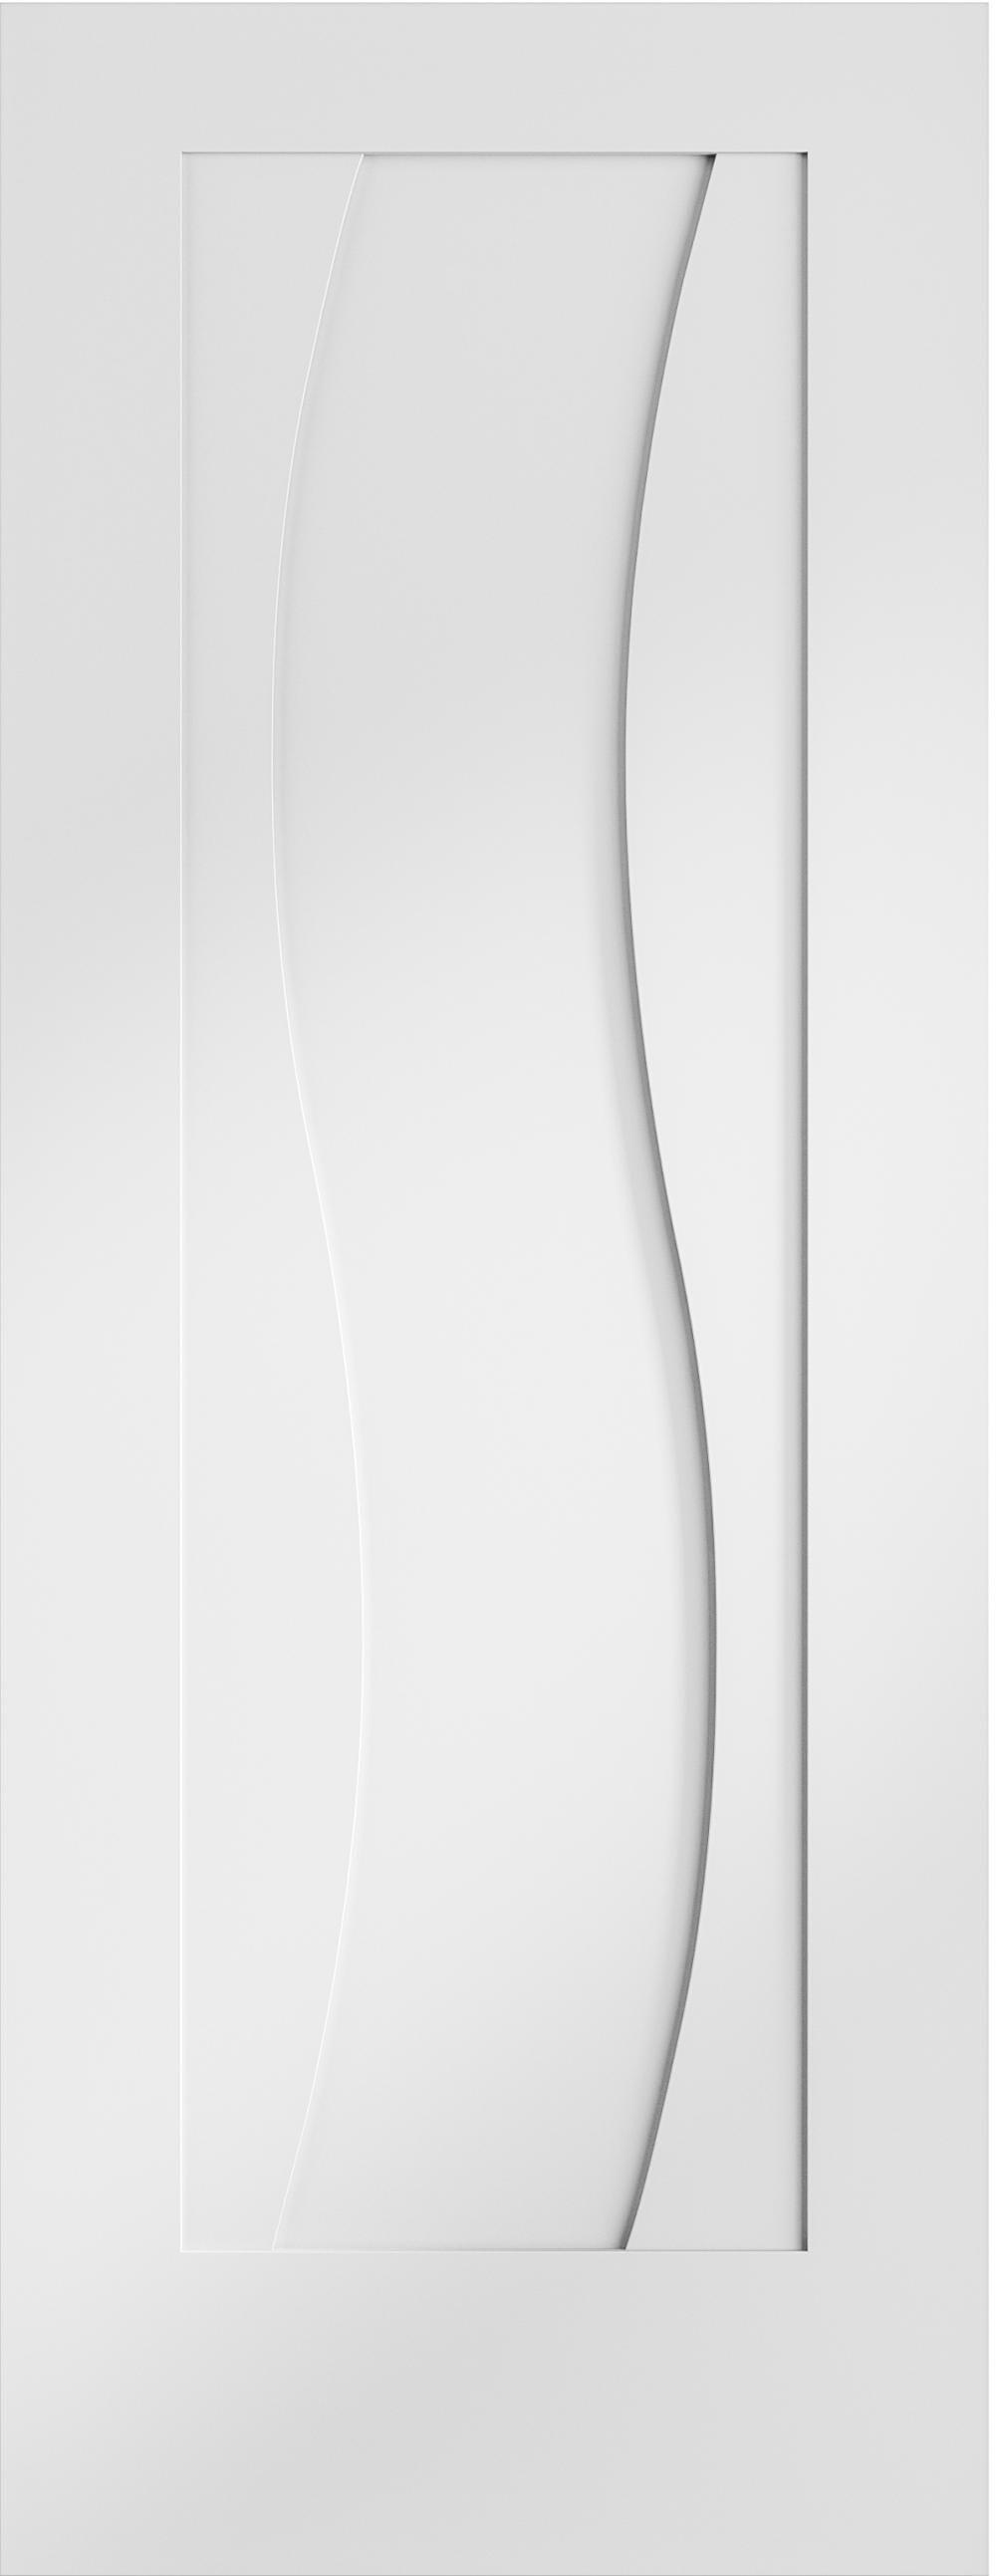 Florence White - Prefinished Image